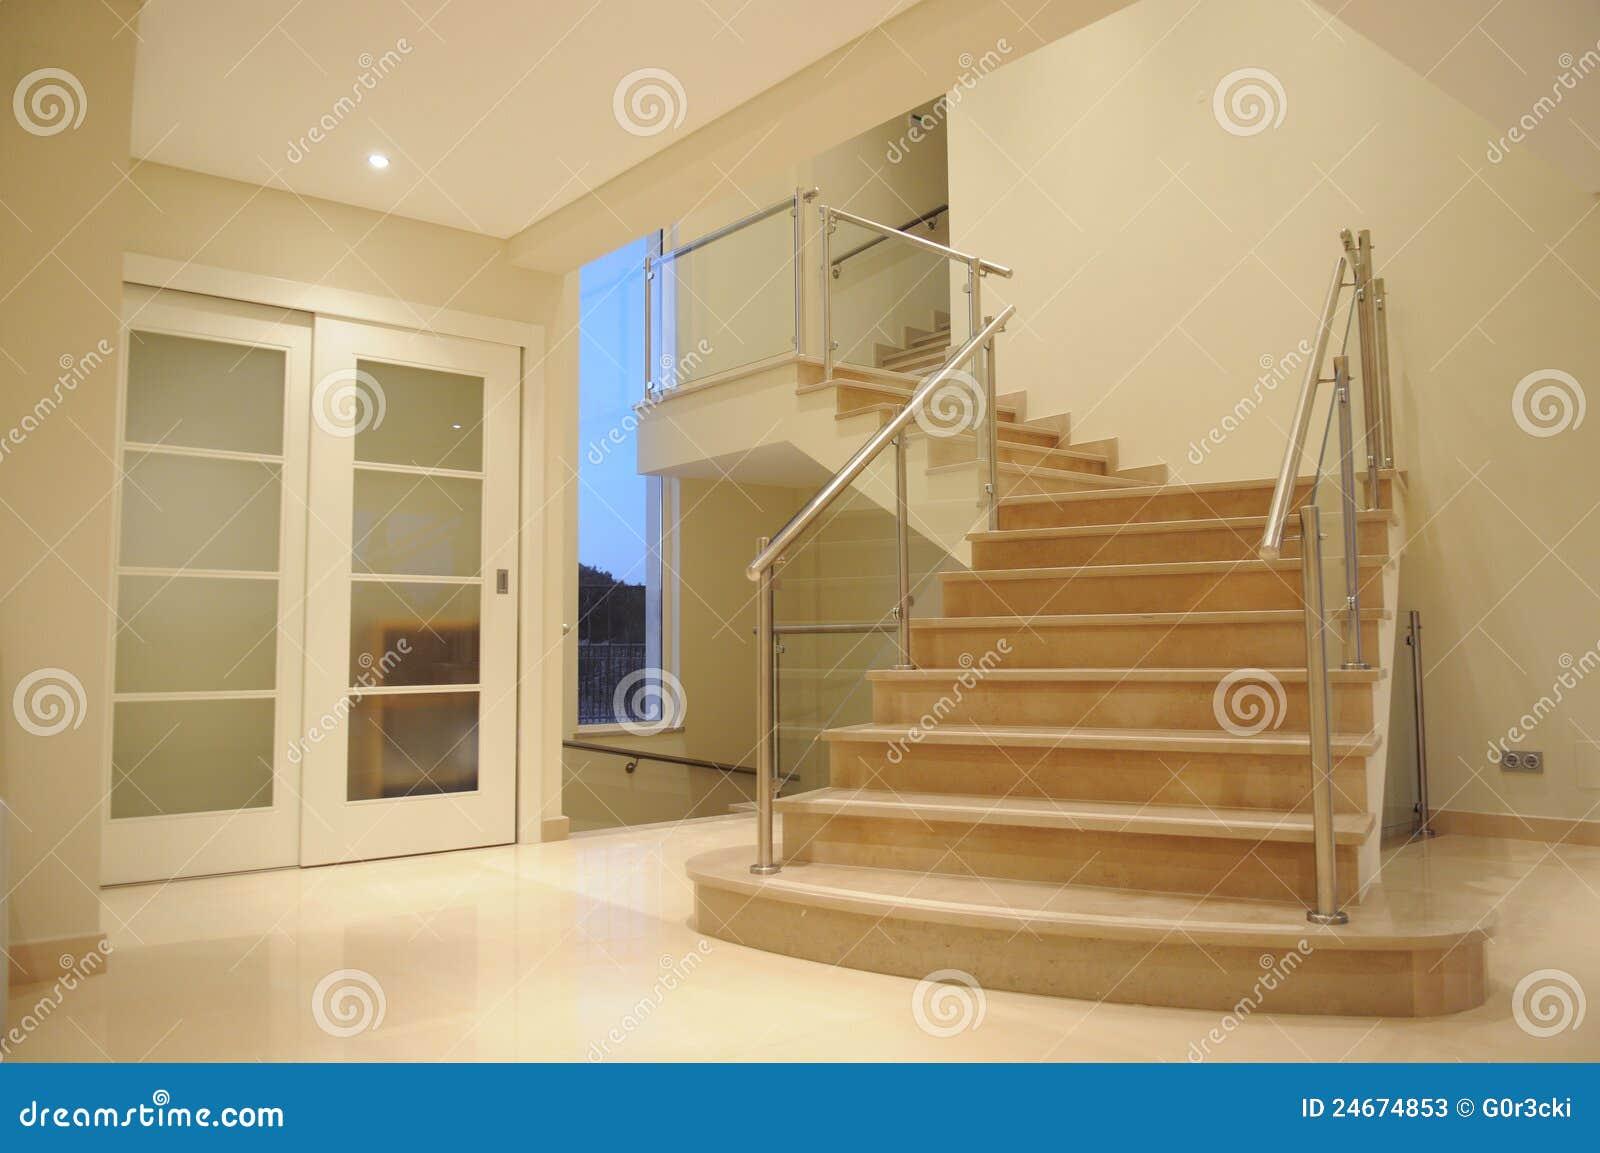 Escaleras A La Segunda Planta Imagen De Archivo Imagen